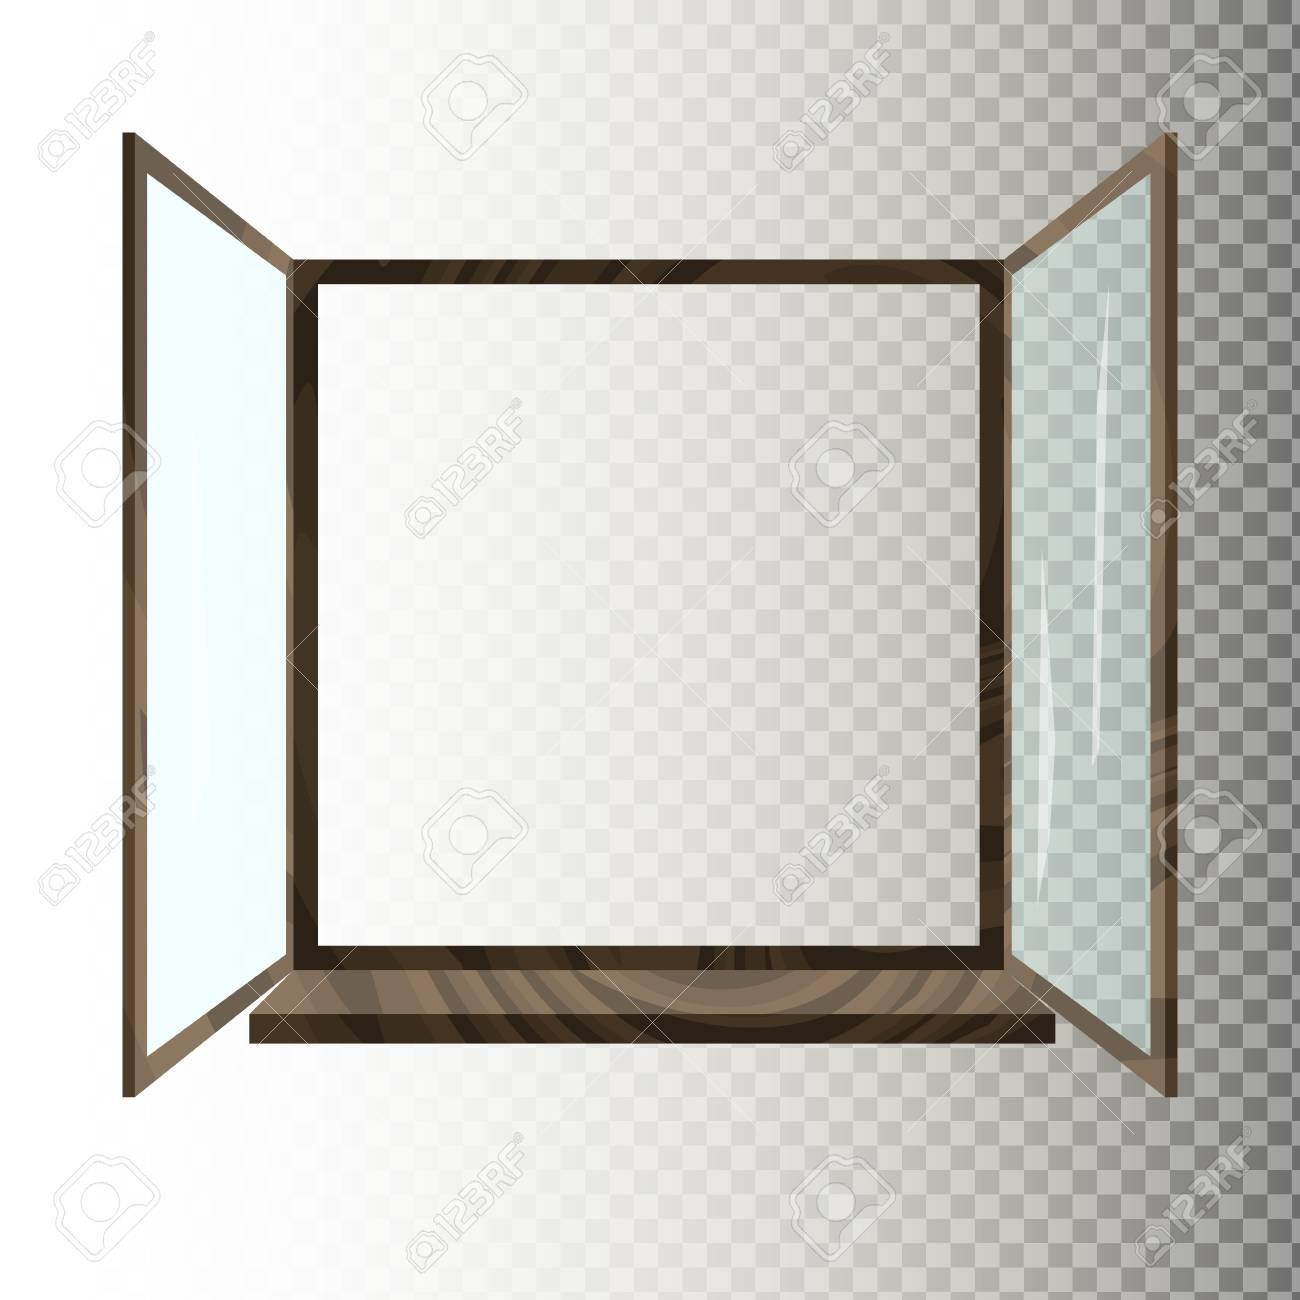 白/透明背景に分離された木製の窓を開いた。ウィンドウ フレームの平面